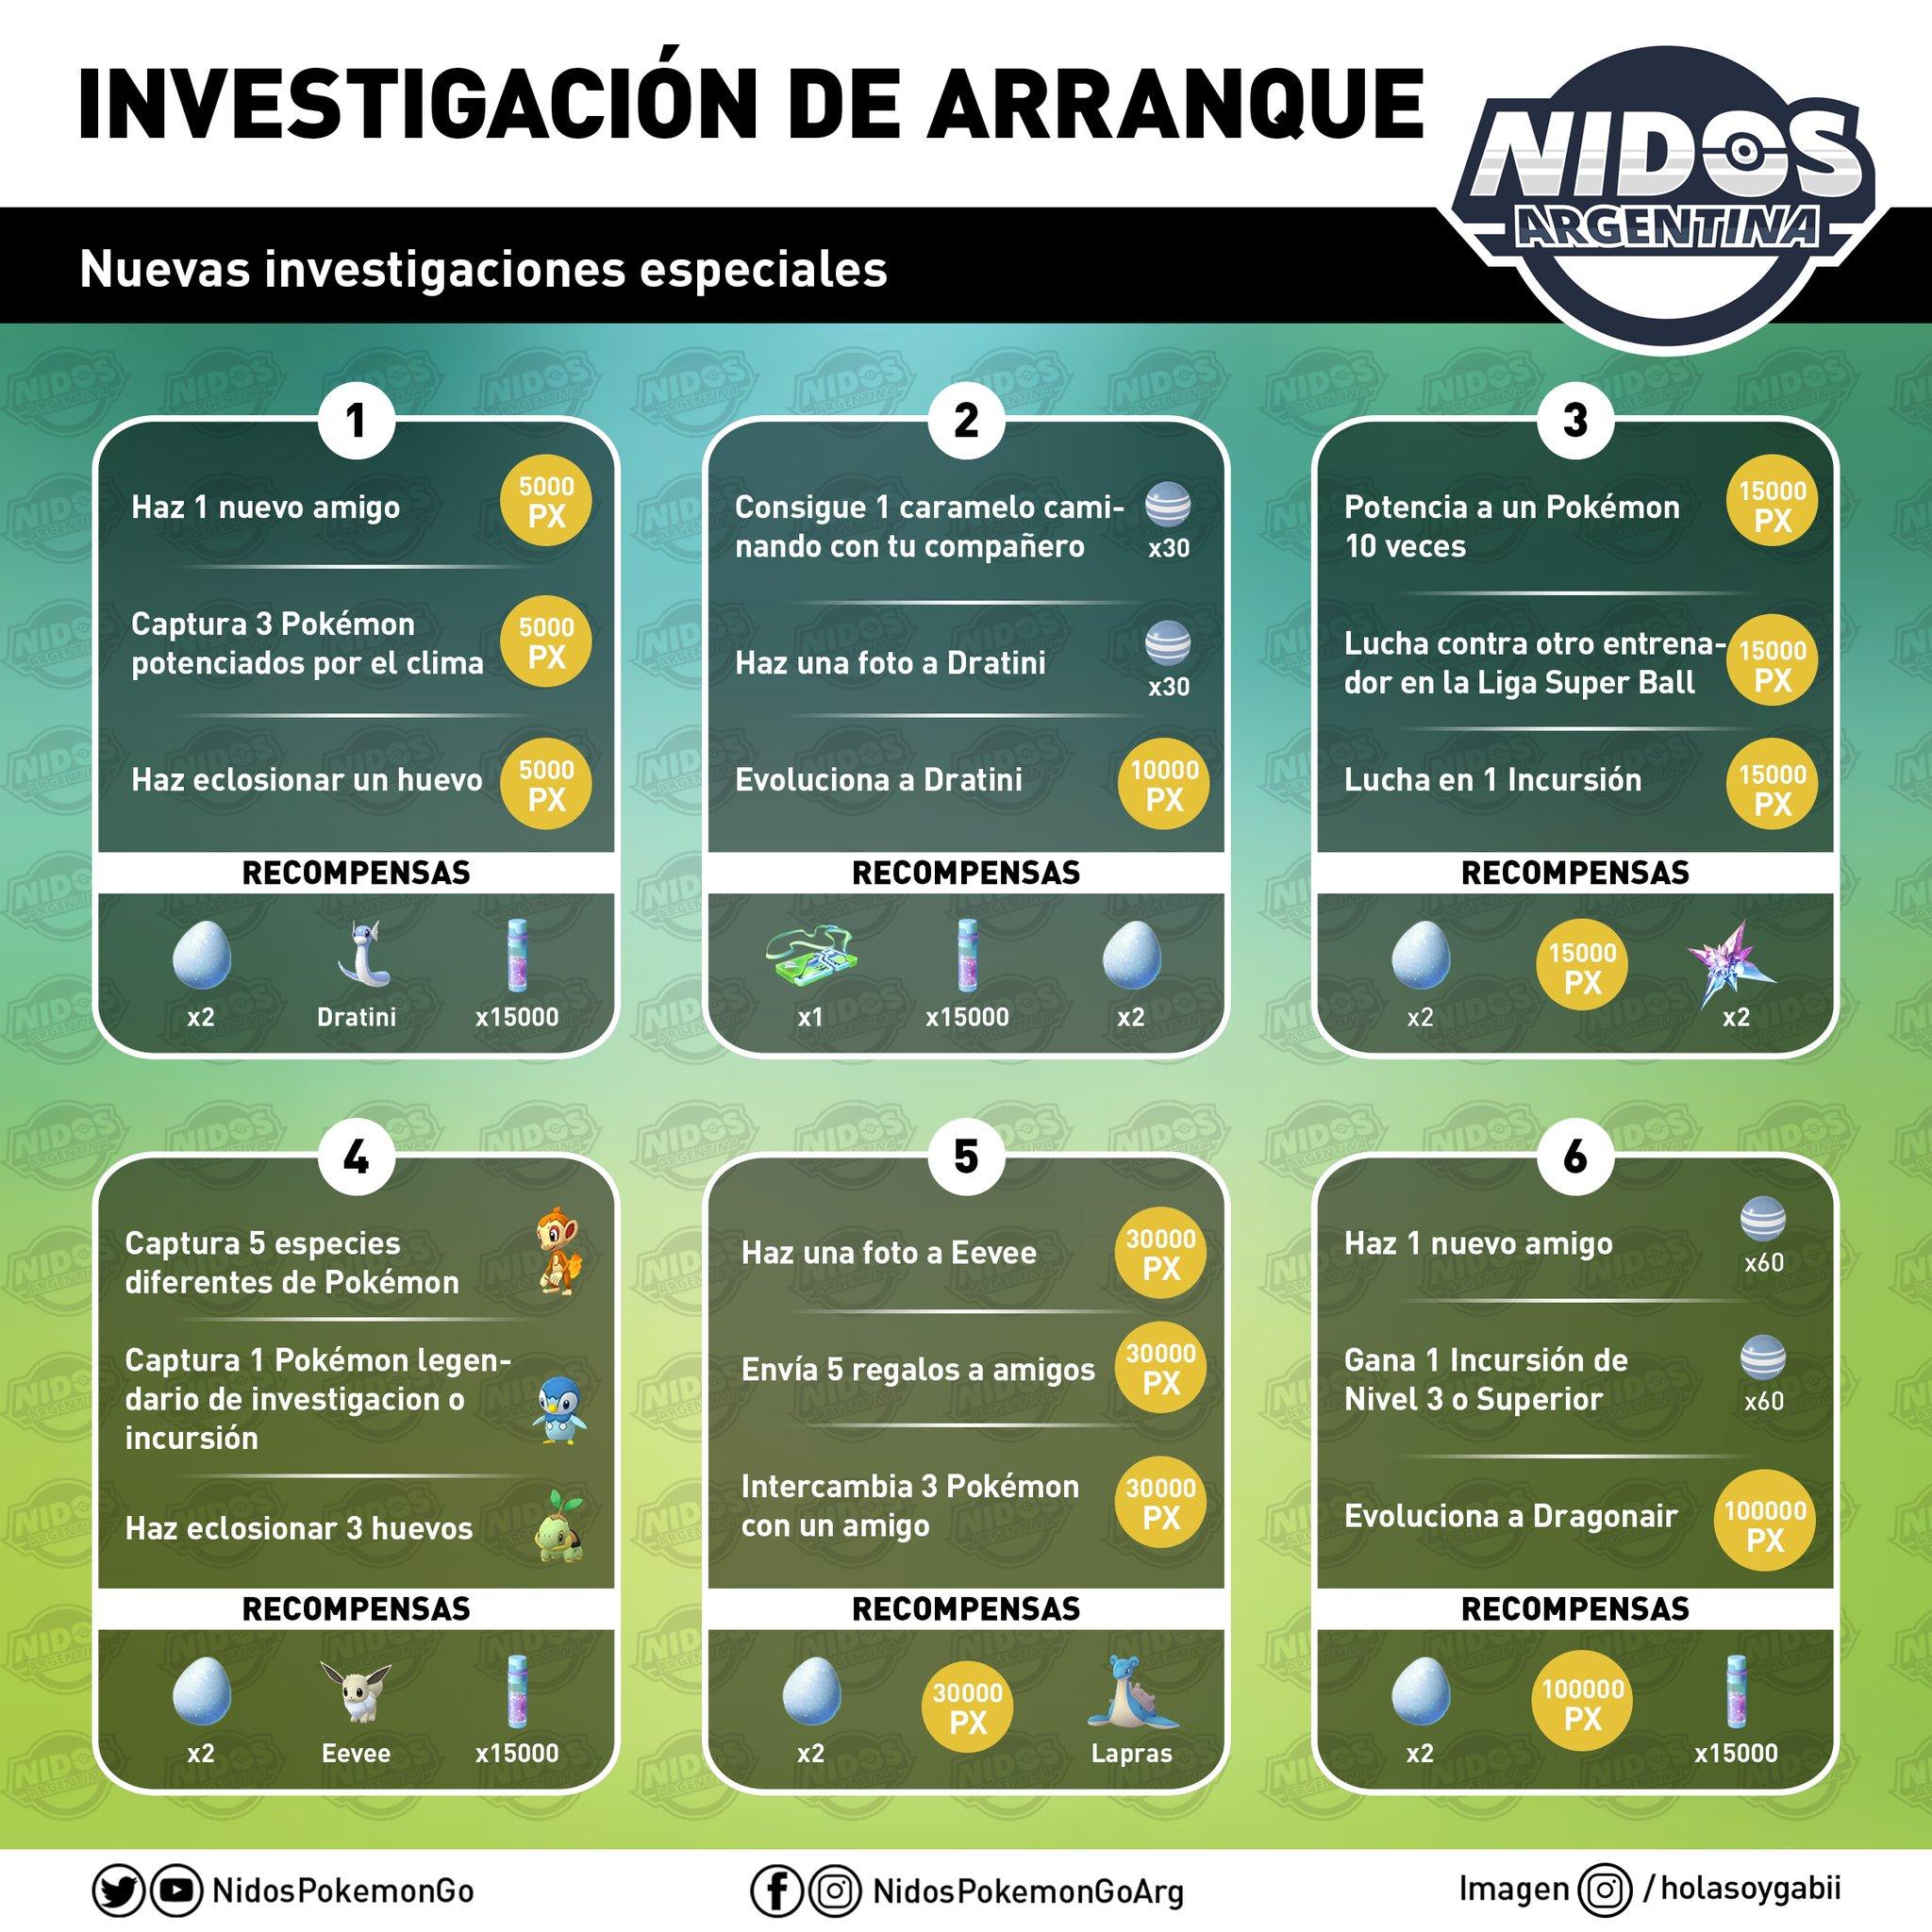 Imagen de las tareas en la investigación de arranque de Pokémon GO hecho por Nidos Pokémon GO Argentina